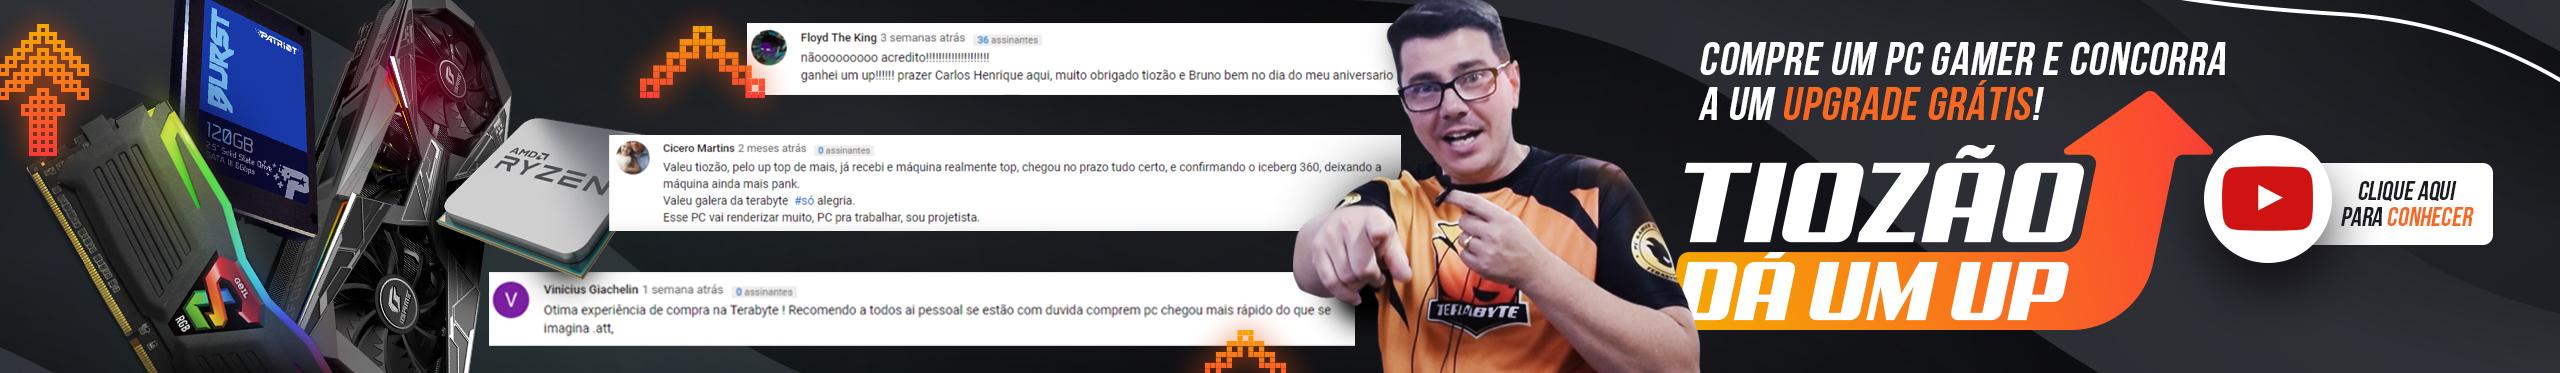 Campanha - Tiozão dá um up 2